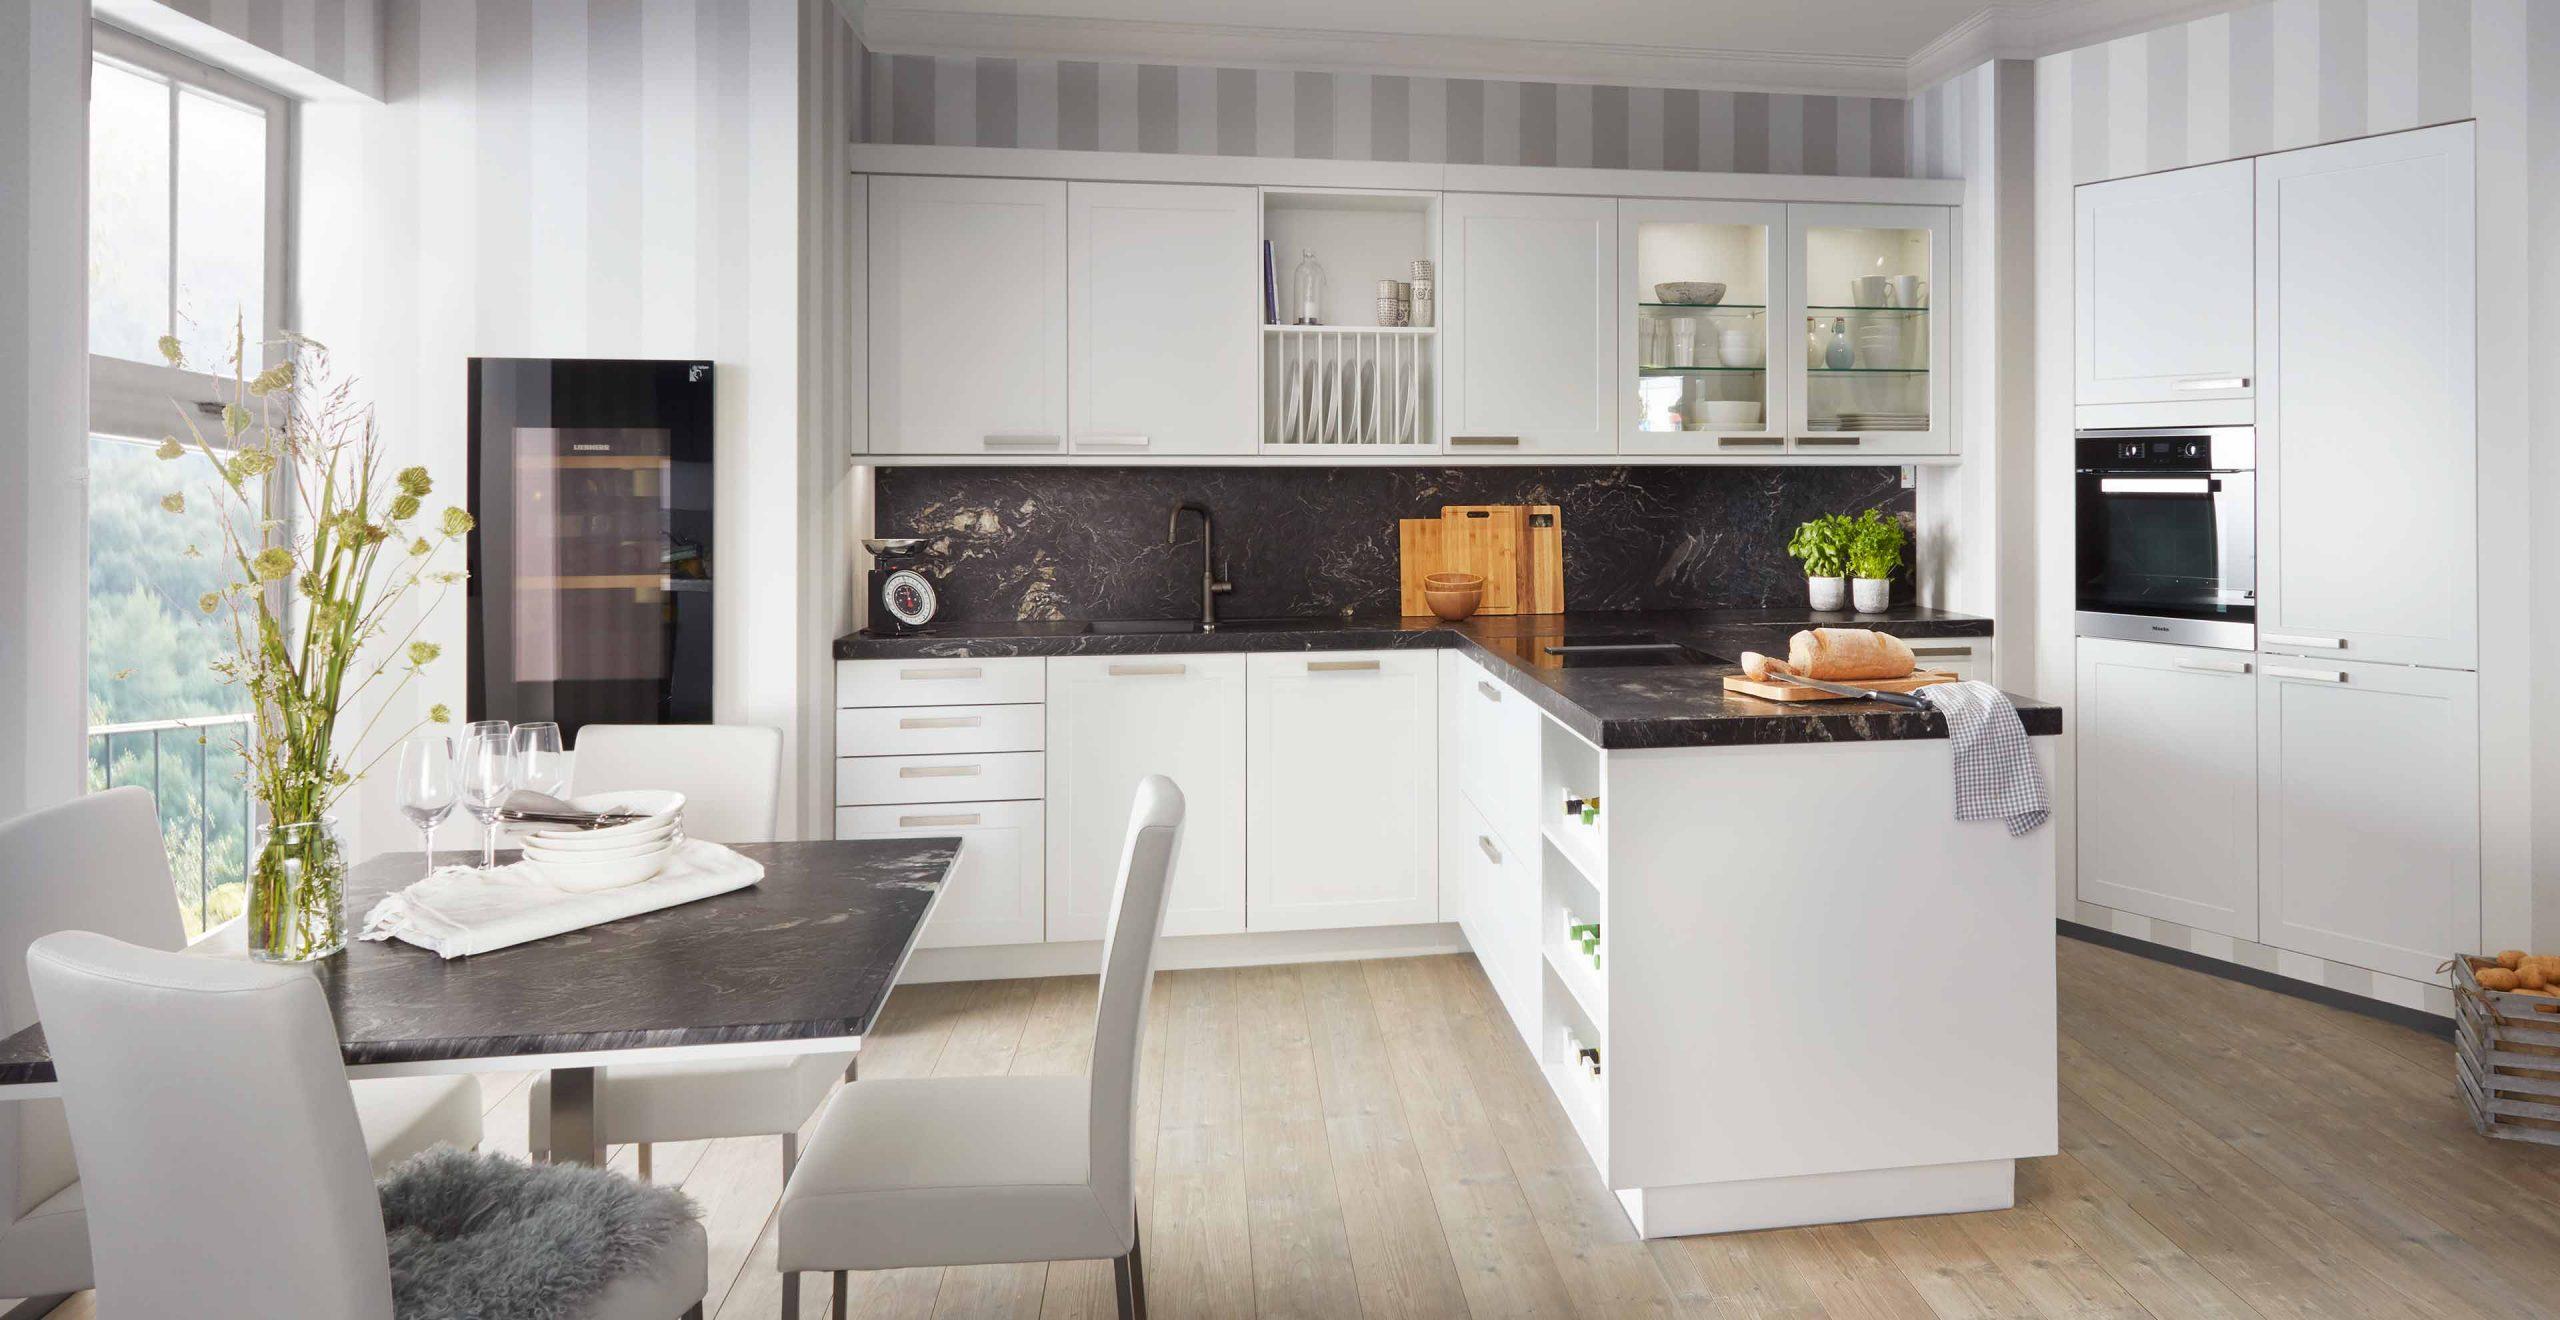 Full Size of Einbauküche Kaufen Ludwigshafen Kühlschrank Für Einbauküche Kaufen Wo Am Besten Einbauküche Kaufen Einbauküche Kaufen Erfahrungen Küche Einbauküche Kaufen